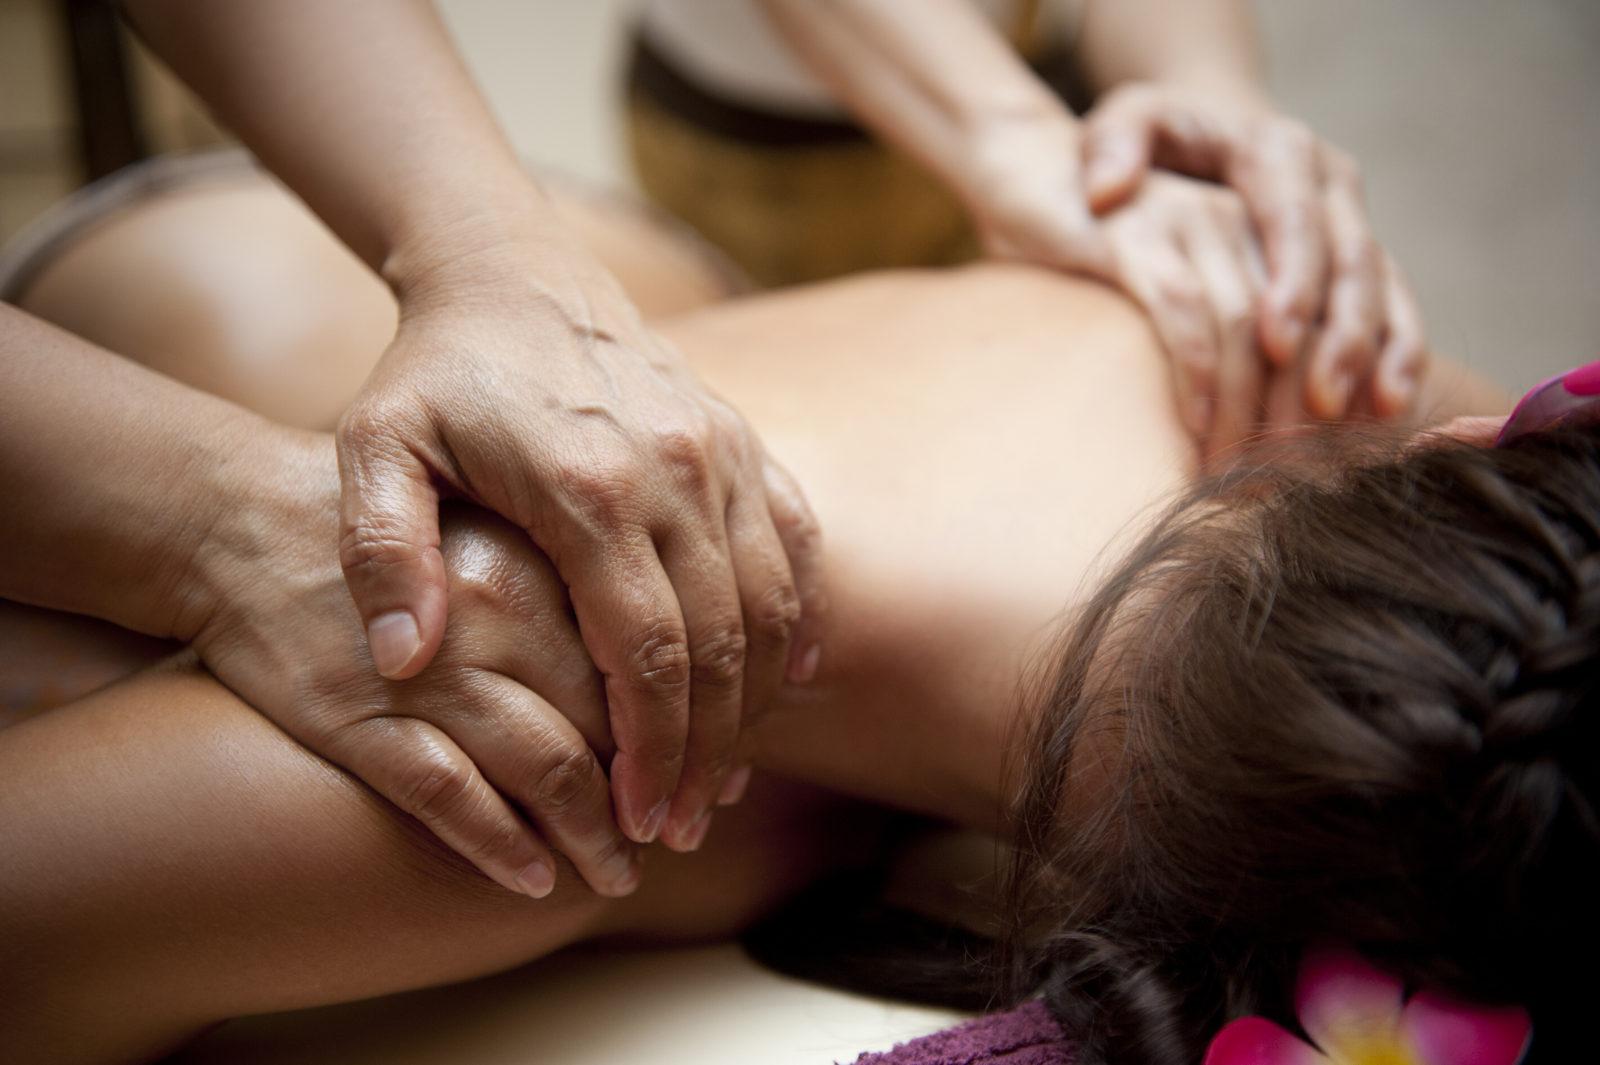 Massaggio a quattro mani: emozione indimenticabile